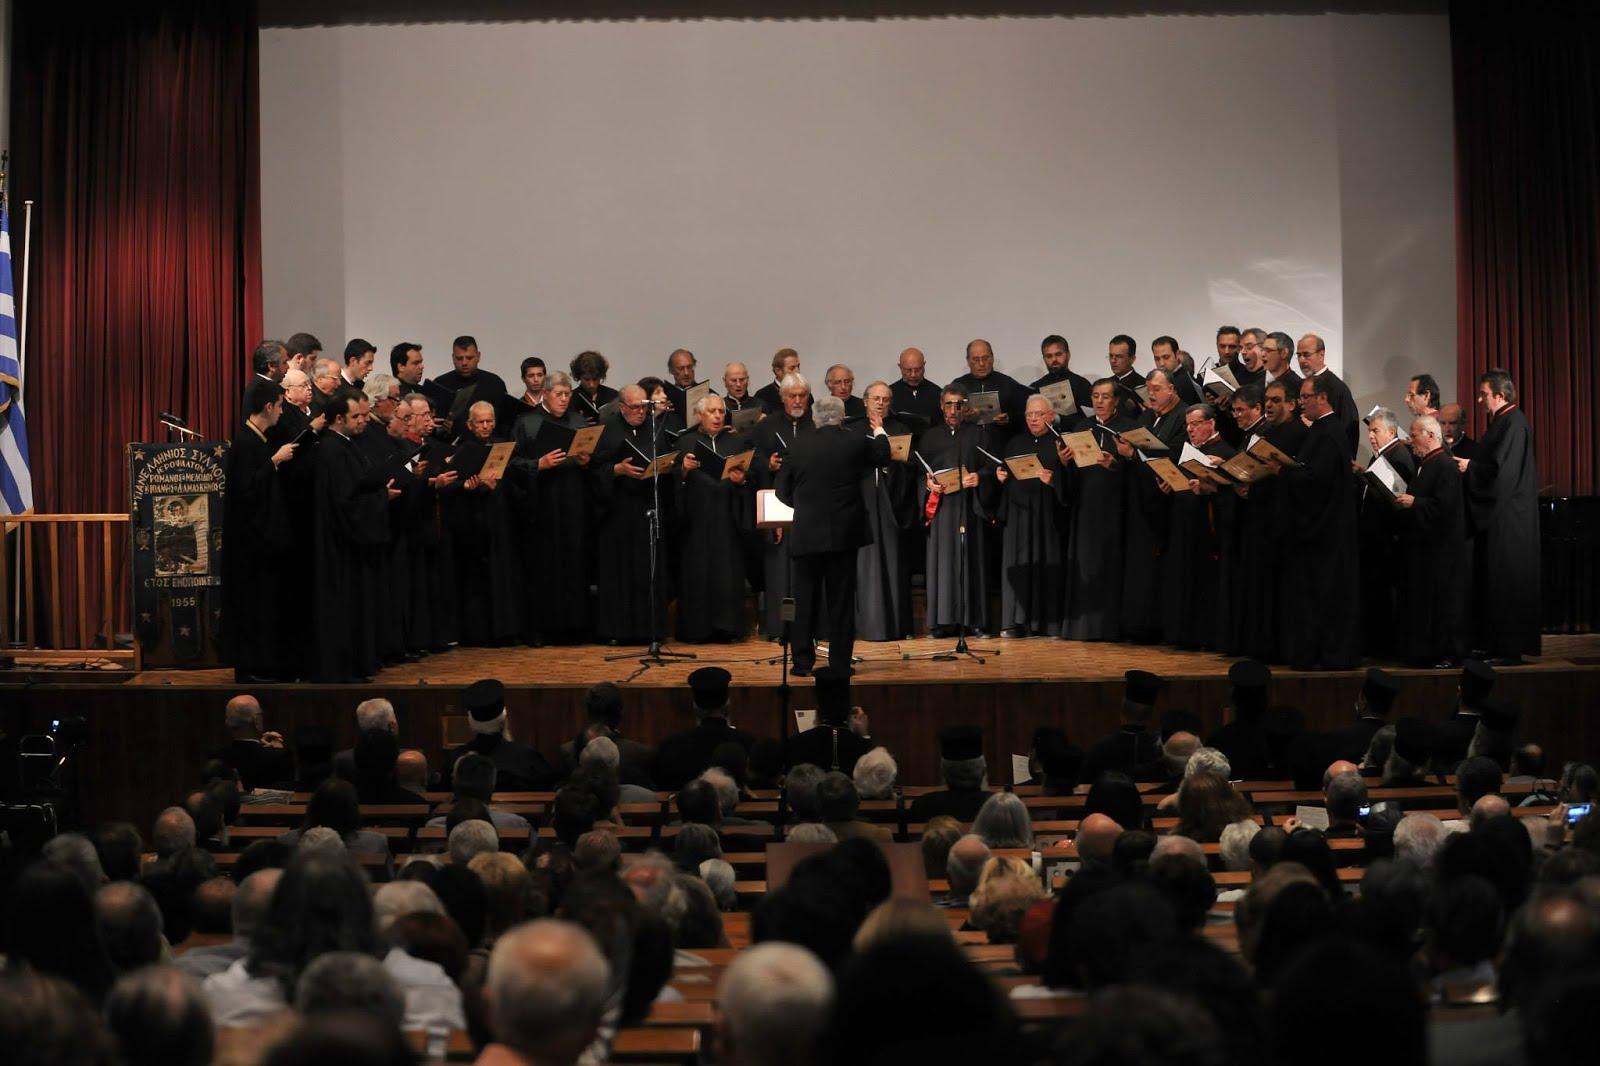 Ο Χορός του Πανελληνίου Συνδέσμου Ιεροψαλτών, υπό την διεύθυνση του προέδρου του Συνδέσμου Αθανάσιο